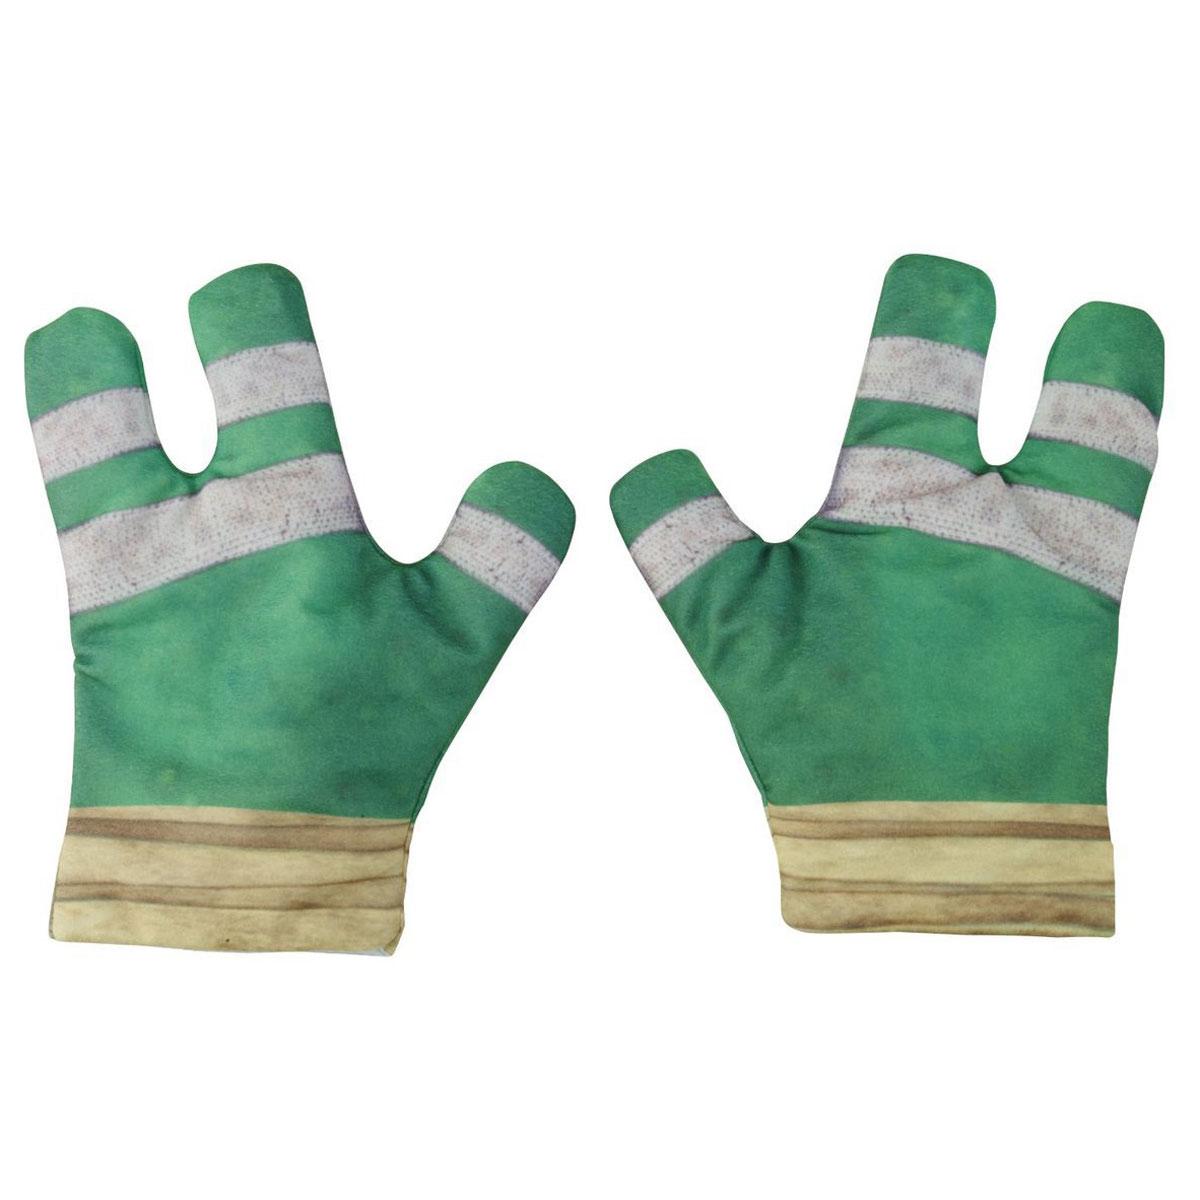 Черепашки Ниндзя Интерактивные трехпальцевые перчатки Черепашек-ниндзя Боевые перчатки ниндзя92271Интерактивные перчатки Черепашек-ниндзя Боевые перчатки ниндзя надолго займут вашего ребенка и не позволят ему скучать. Выполнены из приятного на ощупь материала и представлены в виде перчаток на три пальца. Боевые перчатки - это настоящее супер-устройство, с помощью которого ваш ребенок победит самого Шредера. Одна из перчаток оснащена звуковым чипом. Он имитирует более 30 воинственных фраз и звуков, таких как боевой клич, звуки удара, разбивающегося стекла и приветствия. Для активации звукового эффекта просто хлопни ладонями в перчатках. Перчатки крепко фиксируются на руке ребенка при помощи липучек. С такими интерактивными боевыми перчатками ваш непоседа с удовольствием будет перевоплощаться в любимого героя. Порадуйте своего ребенка таким замечательным подарком! Рекомендуется докупить 3 батарейки типа LR44 (товар комплектуется демонстрационными).